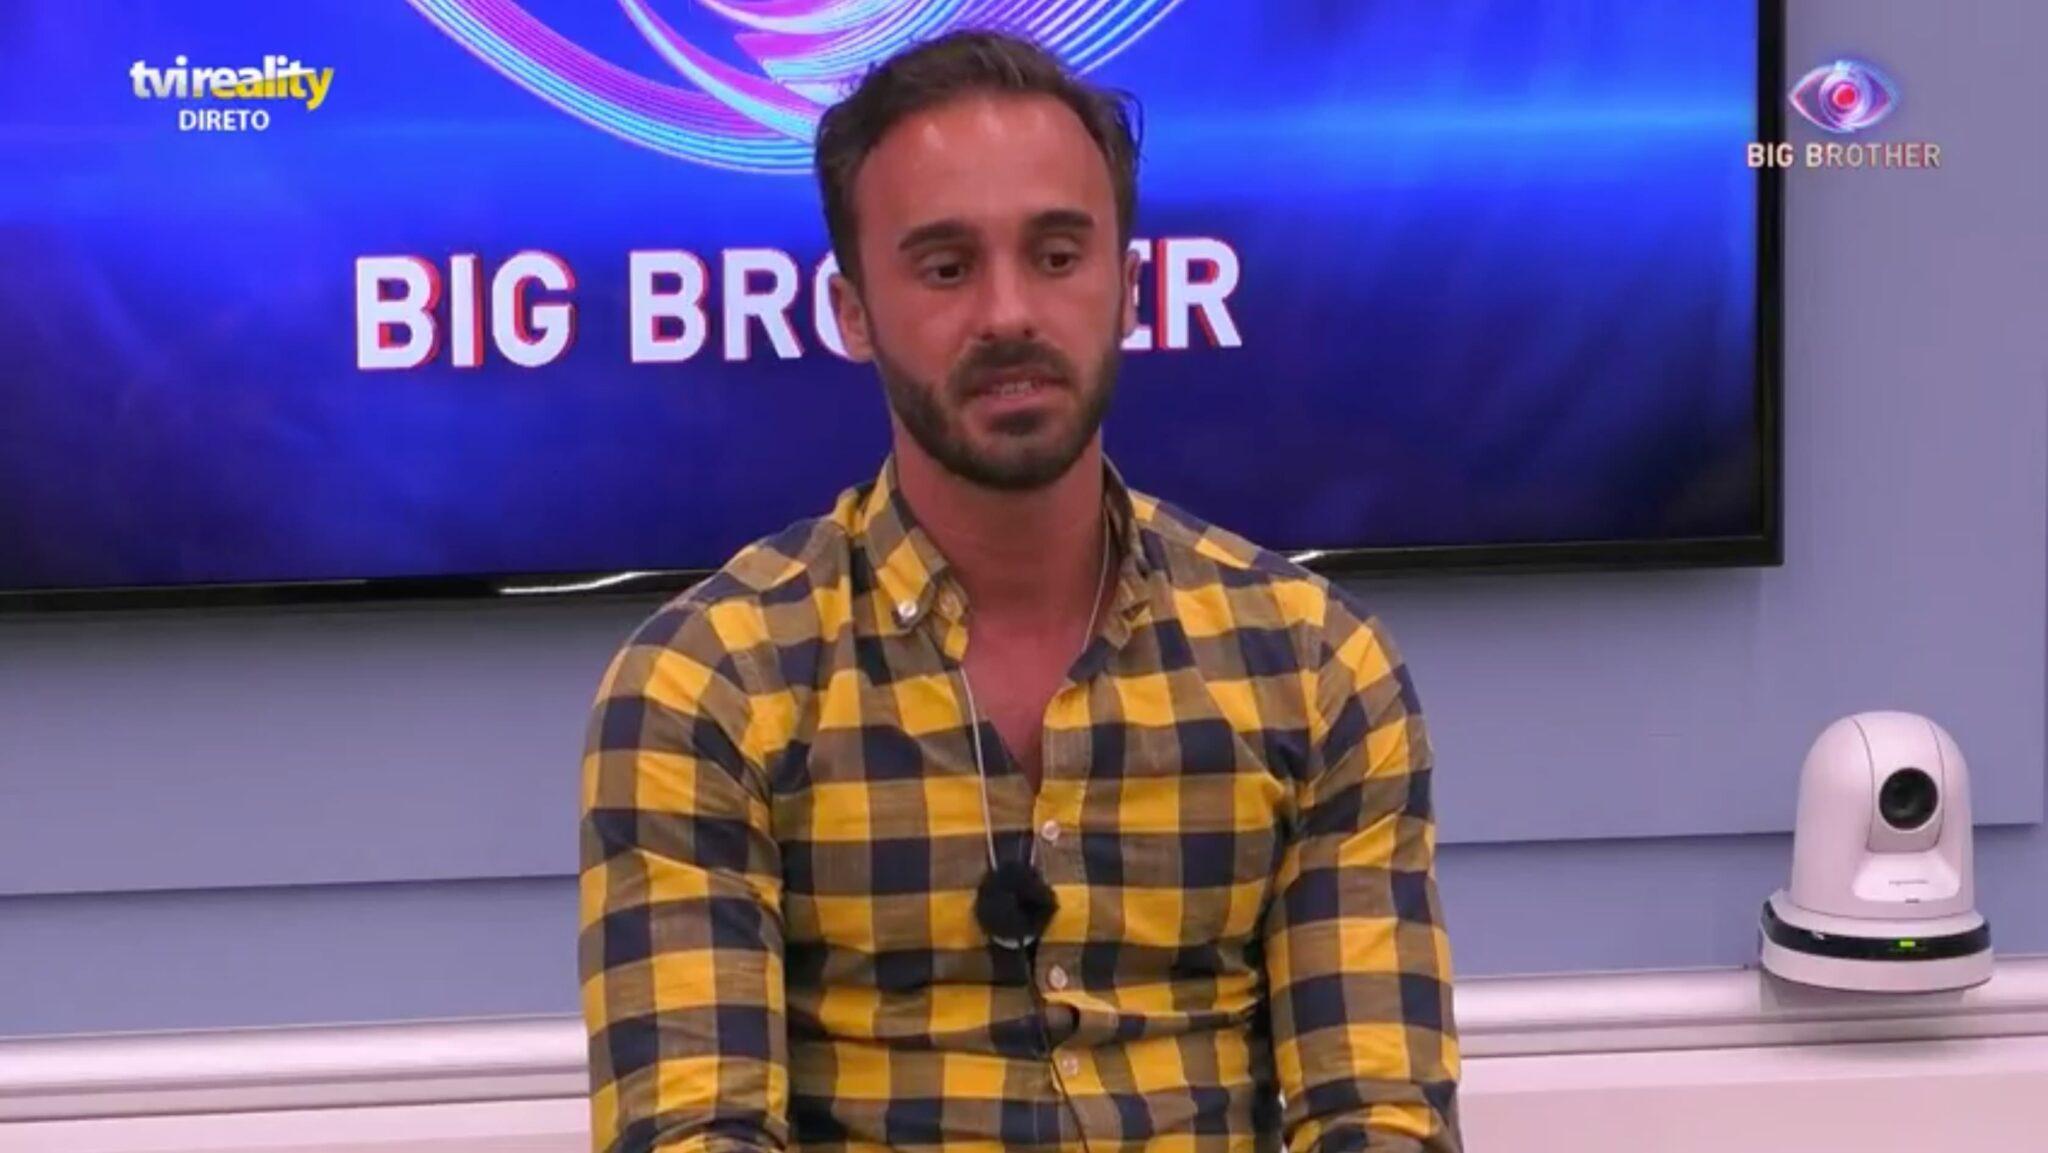 Daniel Guerreiro Big Brother Scaled Daniel Guerreiro Surpreende Com História De Vida Chocante: &Quot;Queriam Matar-Me&Quot;